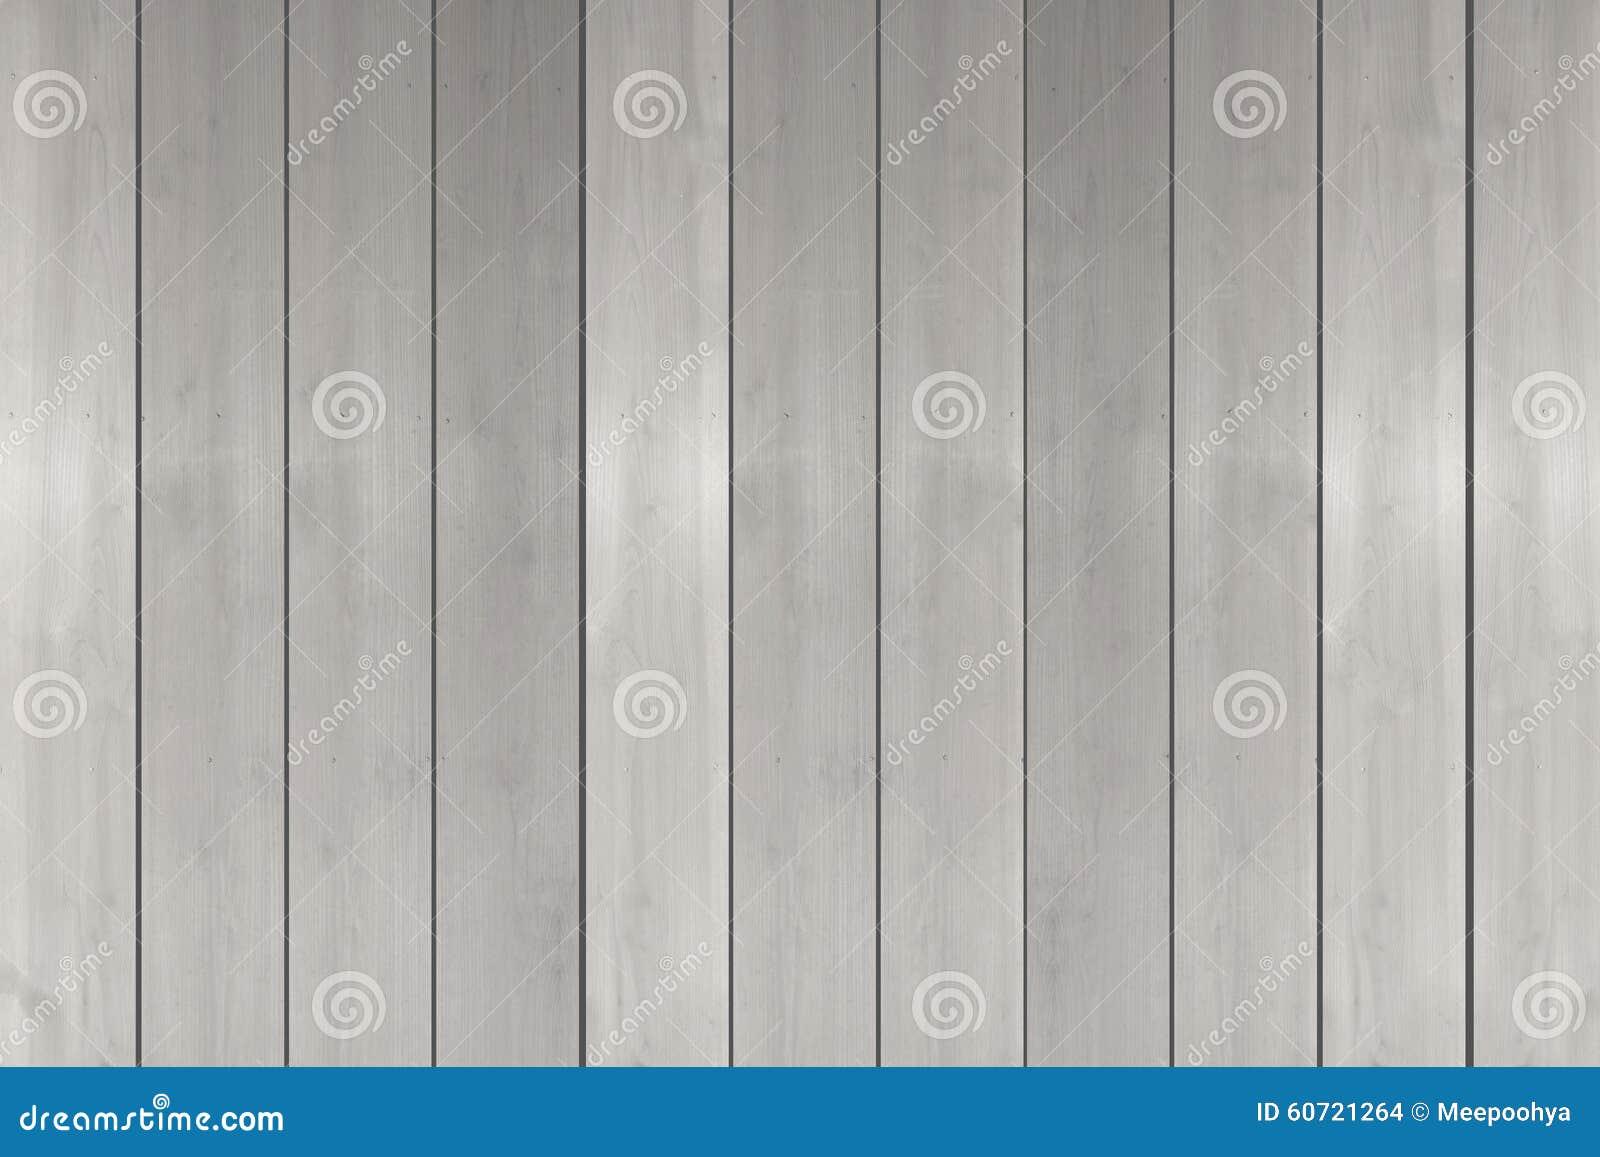 fondo de madera blanco de la textura paredes del interior